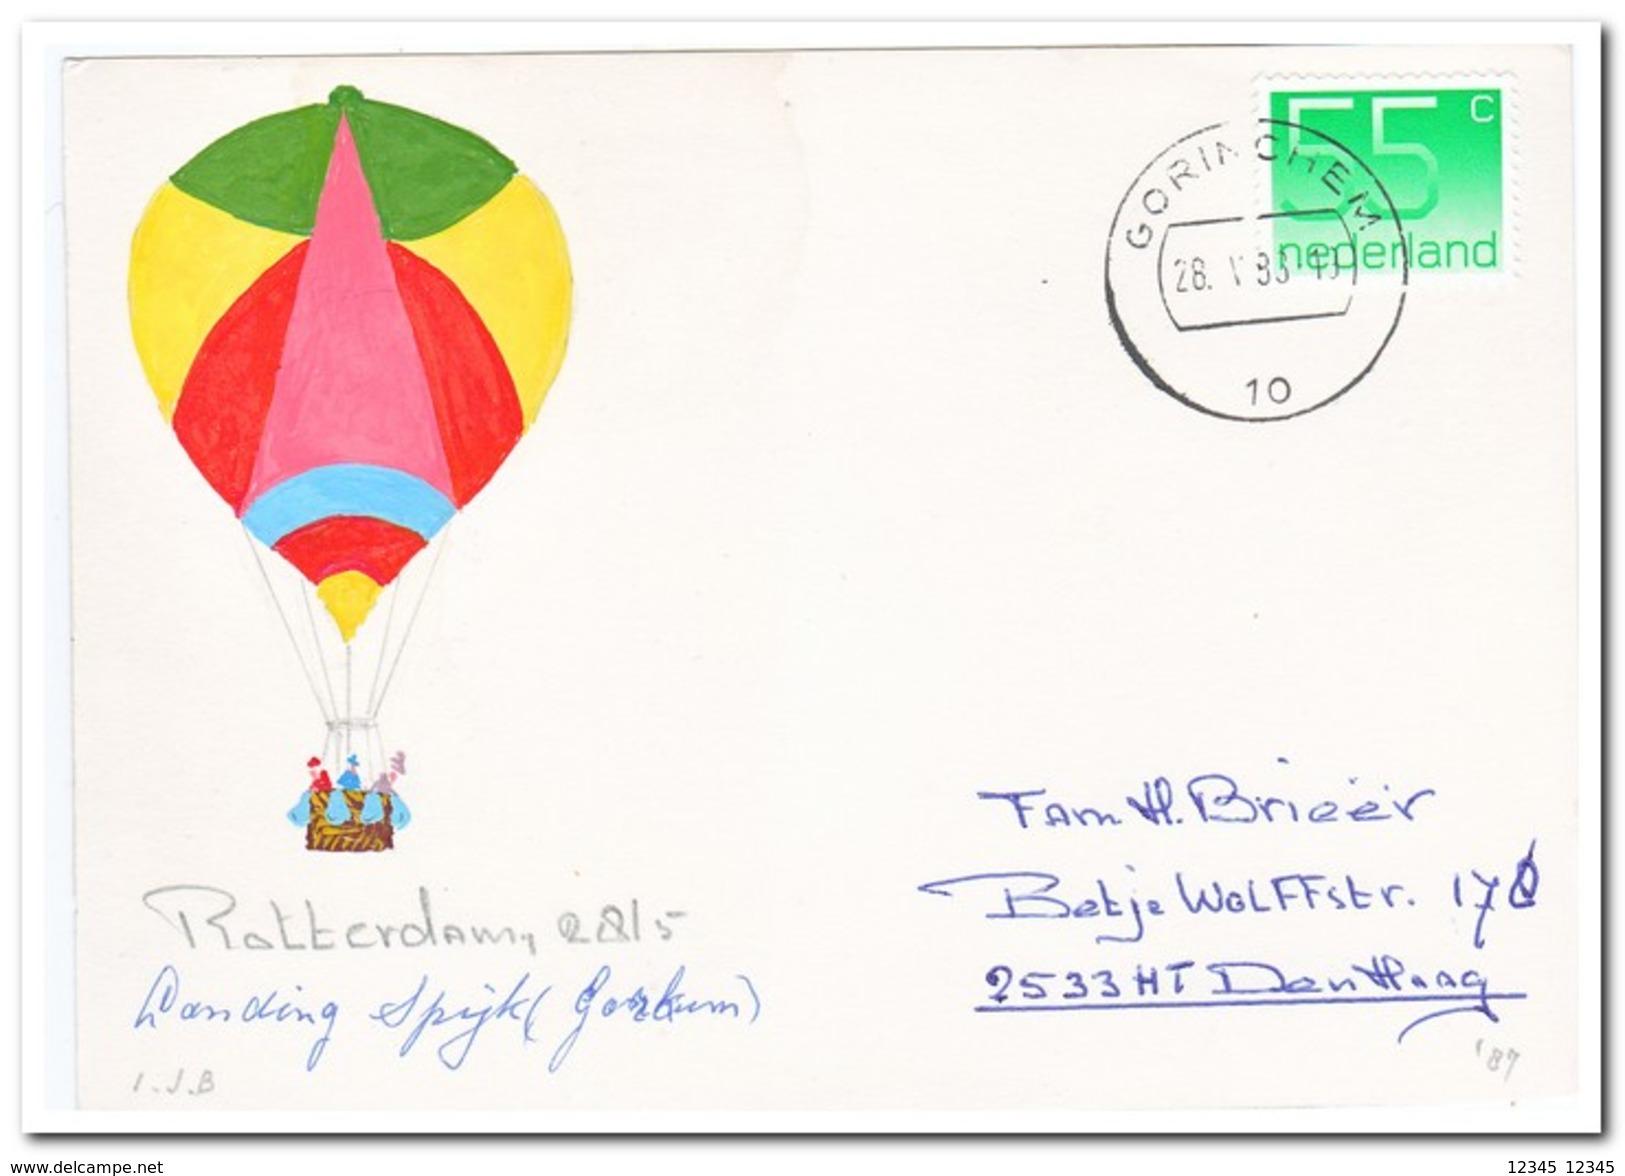 Ballonvaart Rotterdam 28-5-1988 - Luchtballons